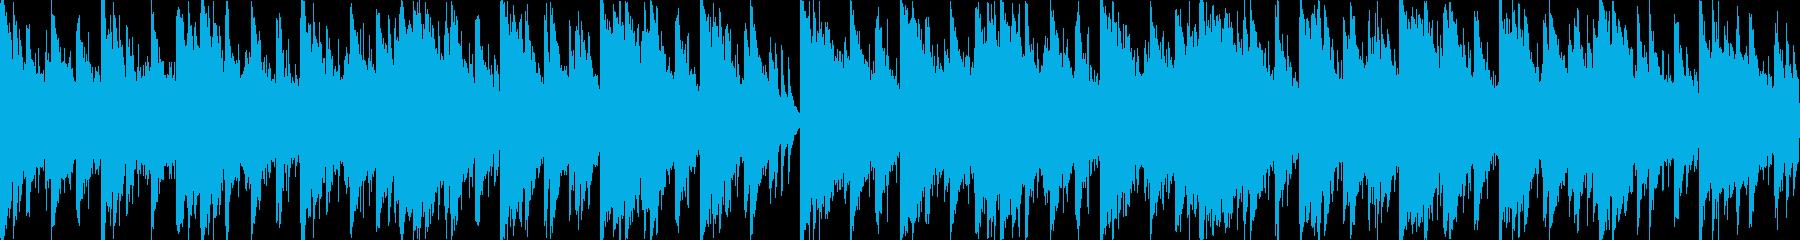 ピアノがメインのホラー系テクノの再生済みの波形